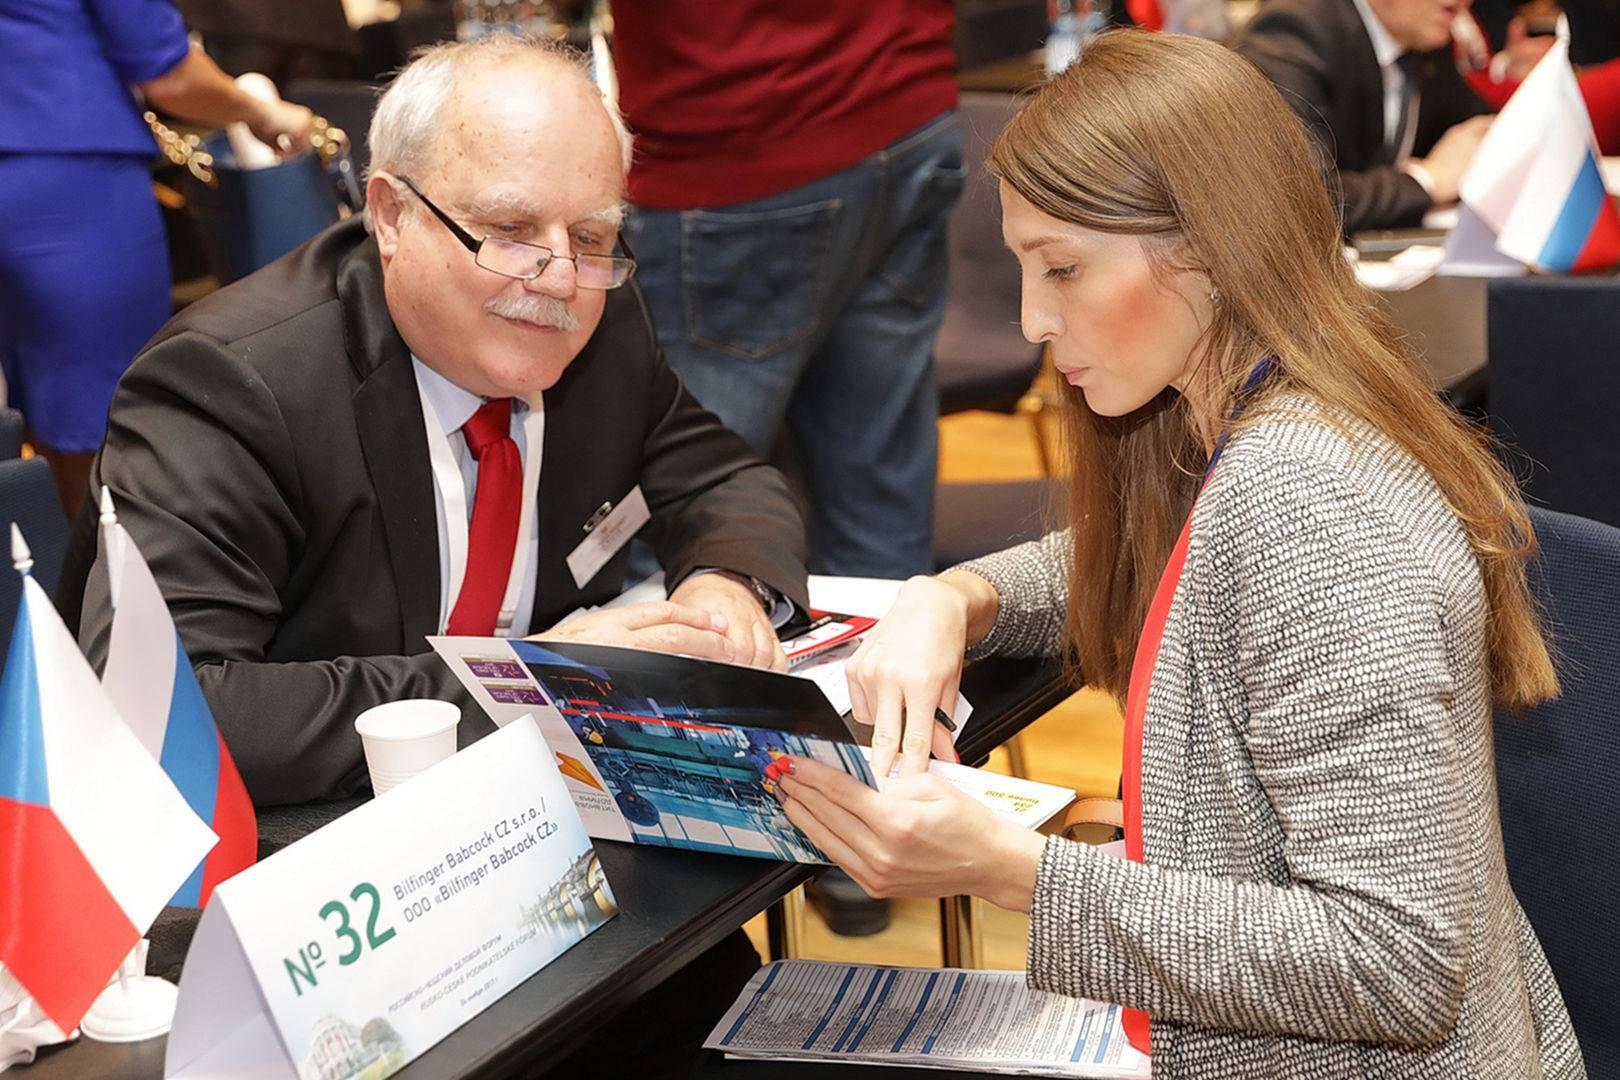 Как открыть компанию в чехии в 2020 году: правила, советы и рекомендации | by international wealth | международный бизнес | medium